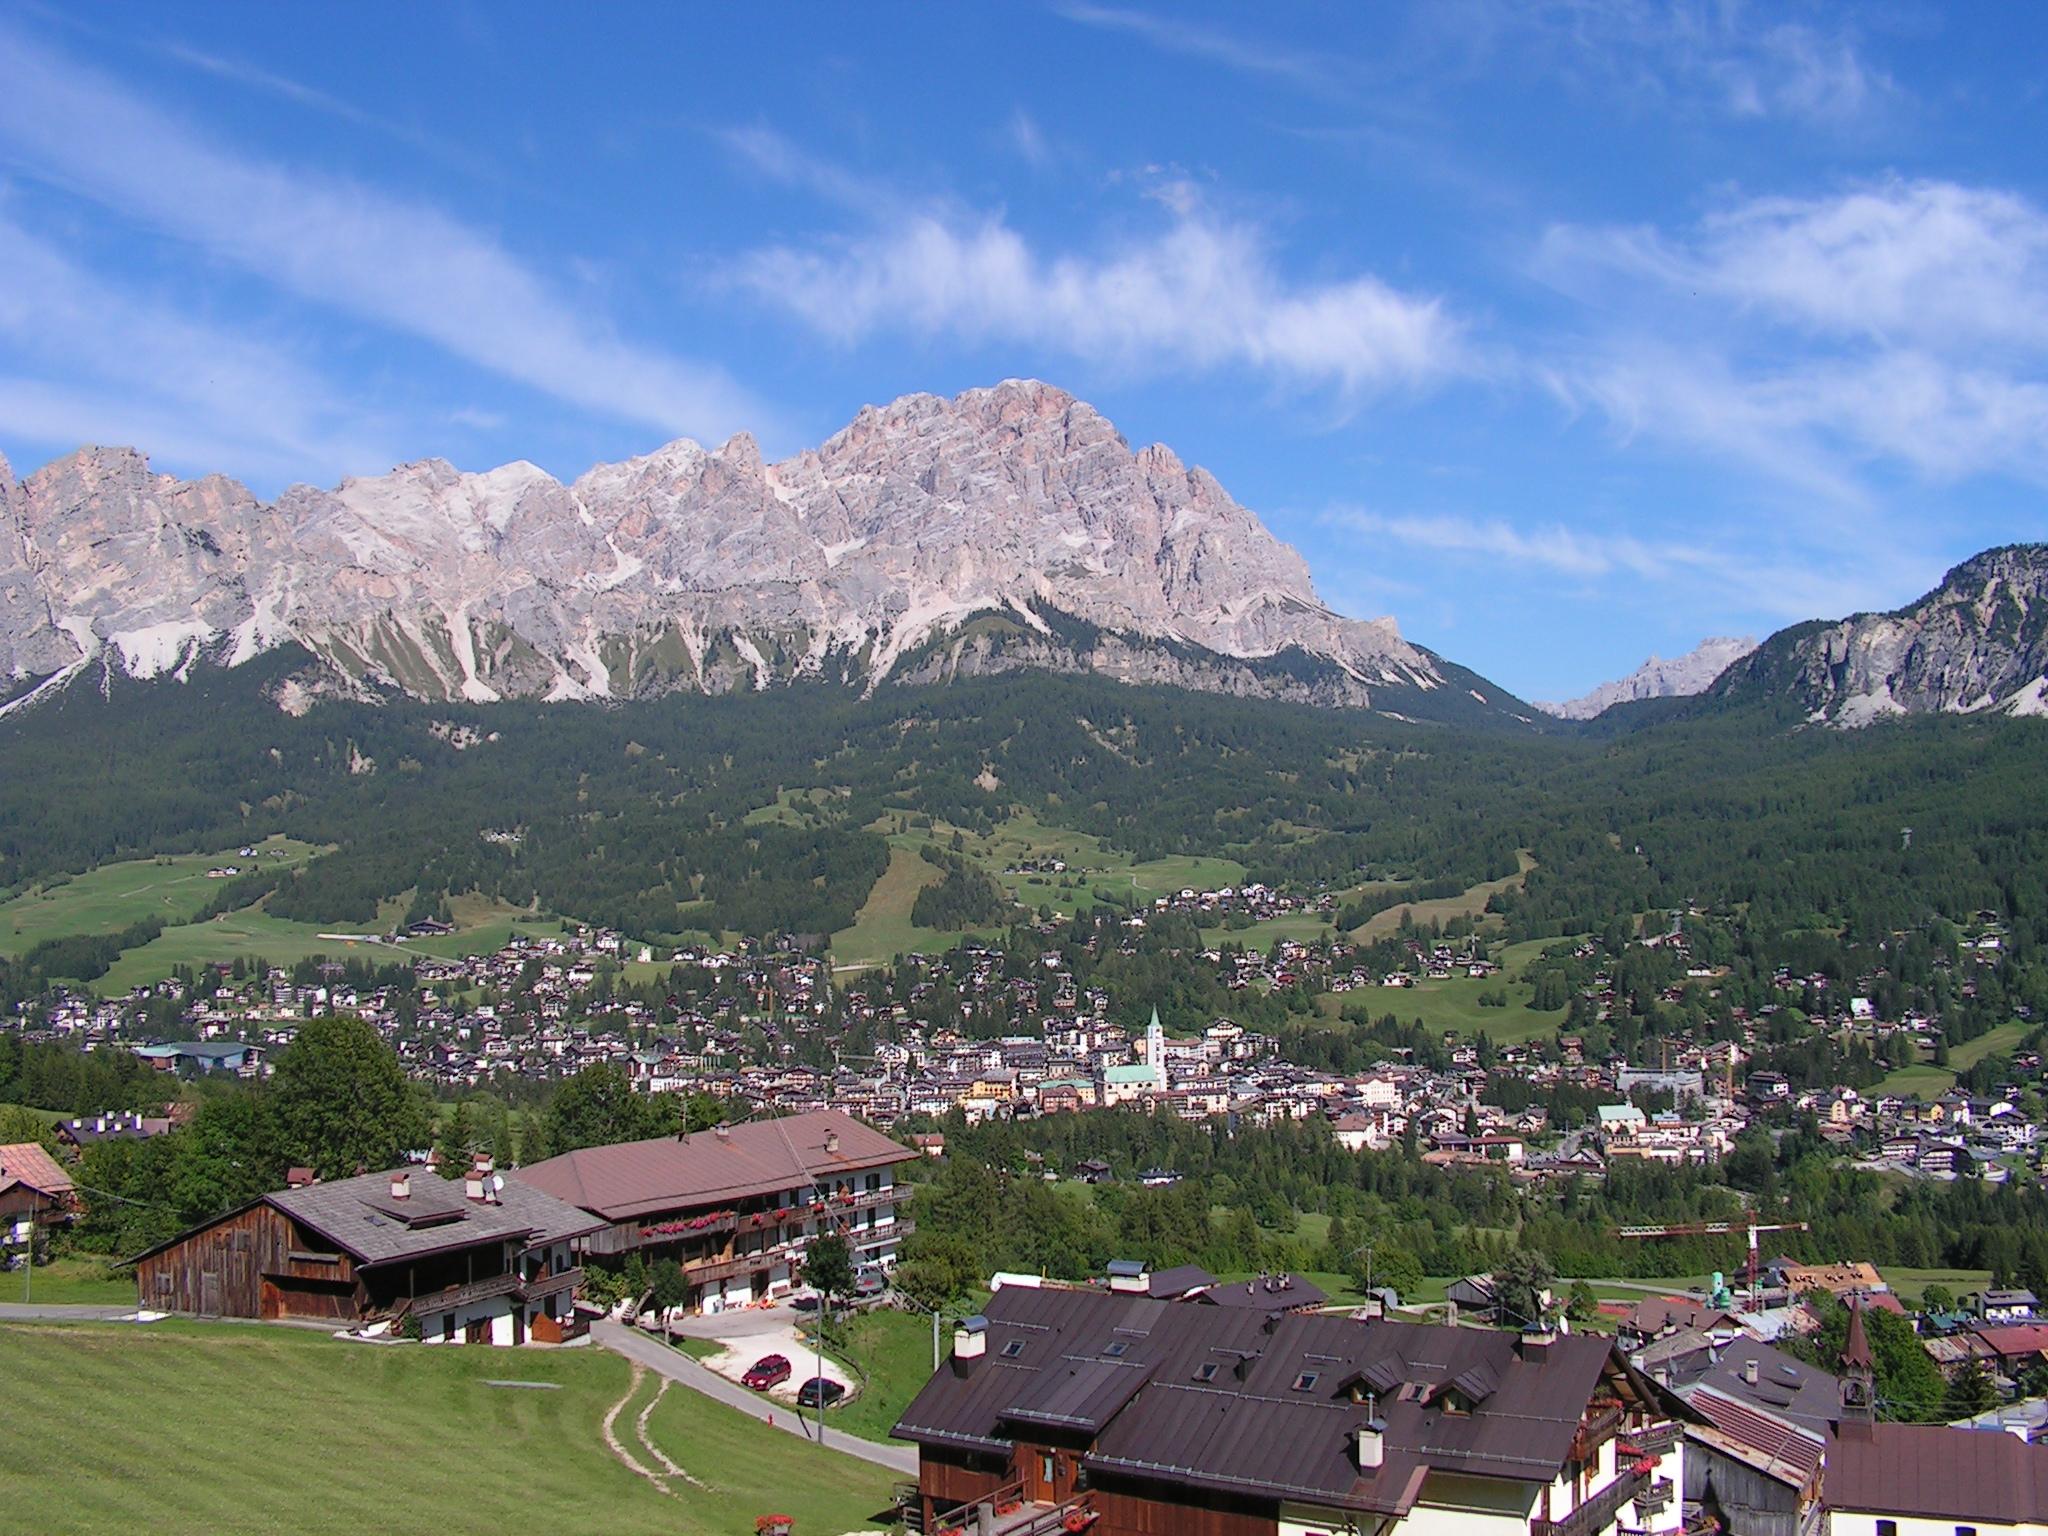 Le migliori strutture venete per godersi Cortina 2020!